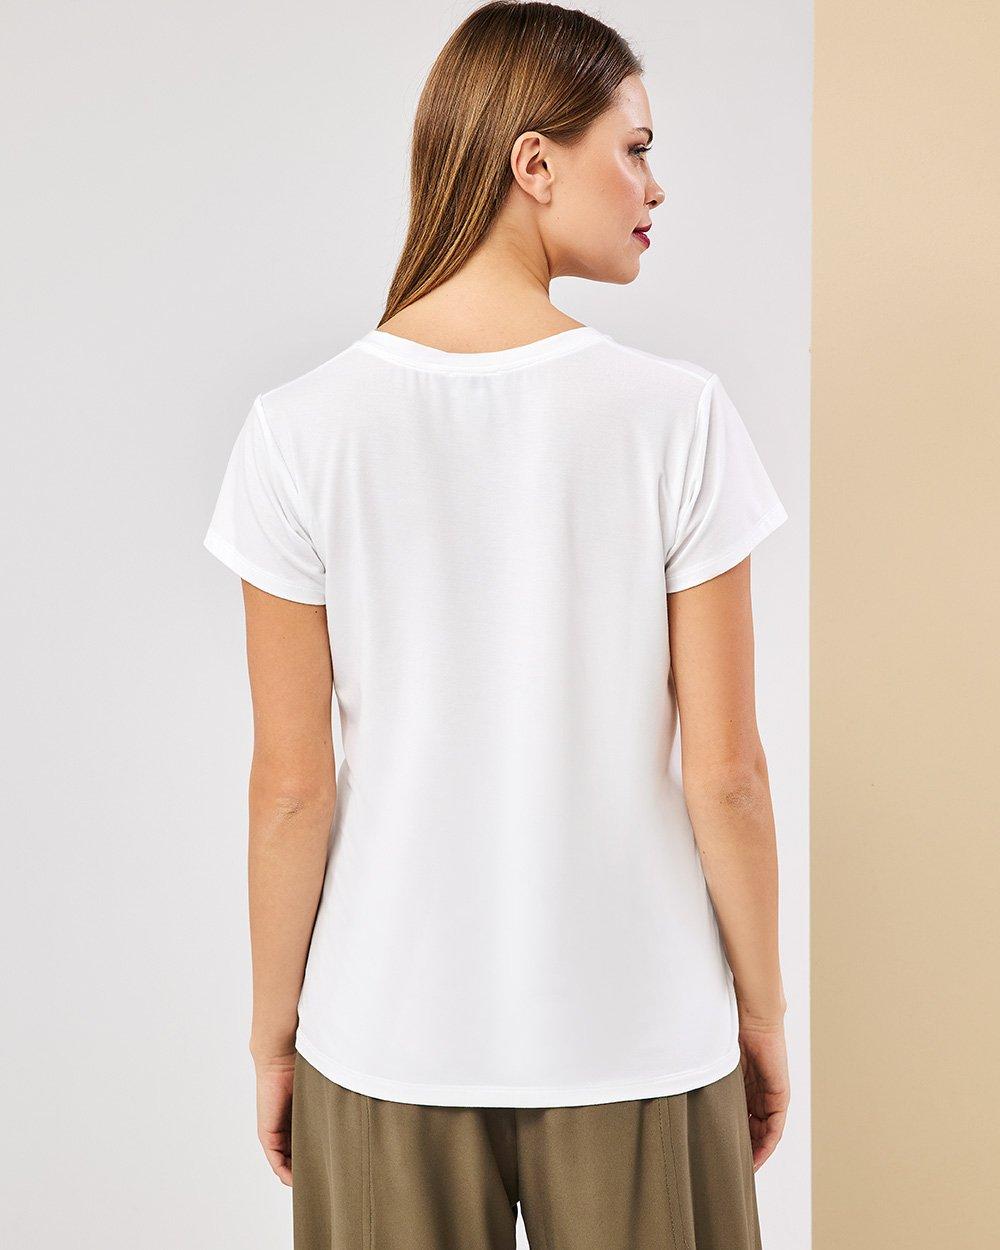 Μπλούζα με παγιέτα τσέπη